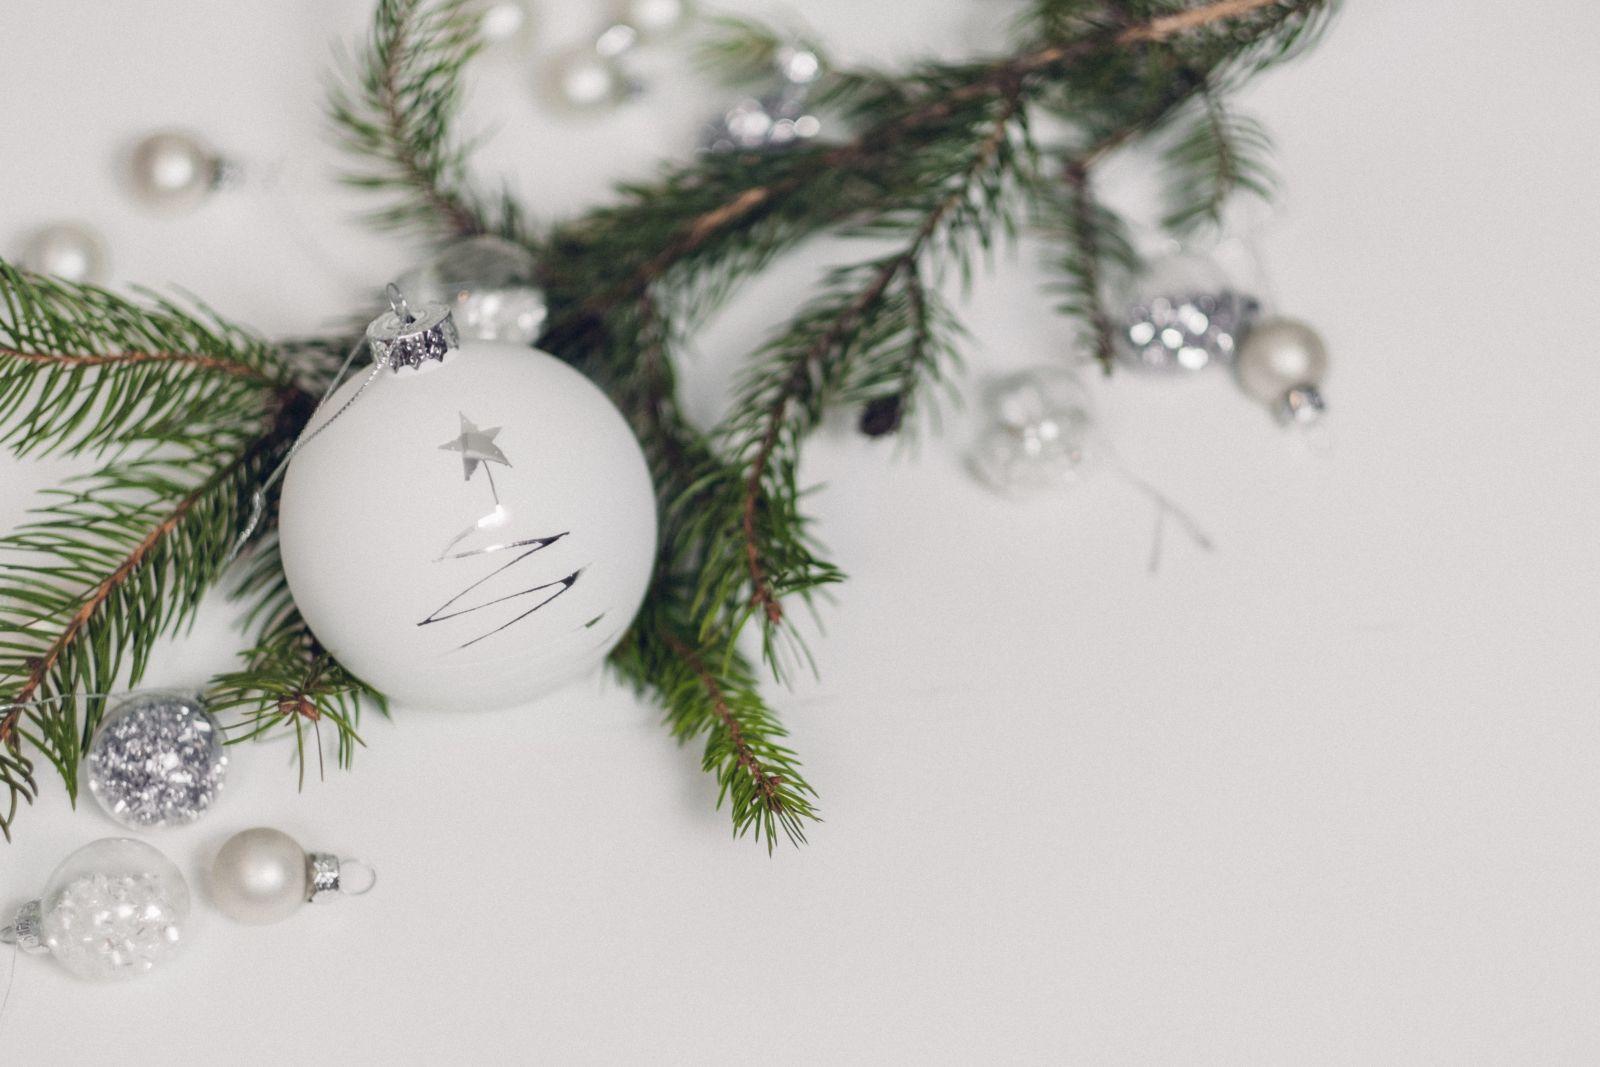 Witte kerstballen met glitters